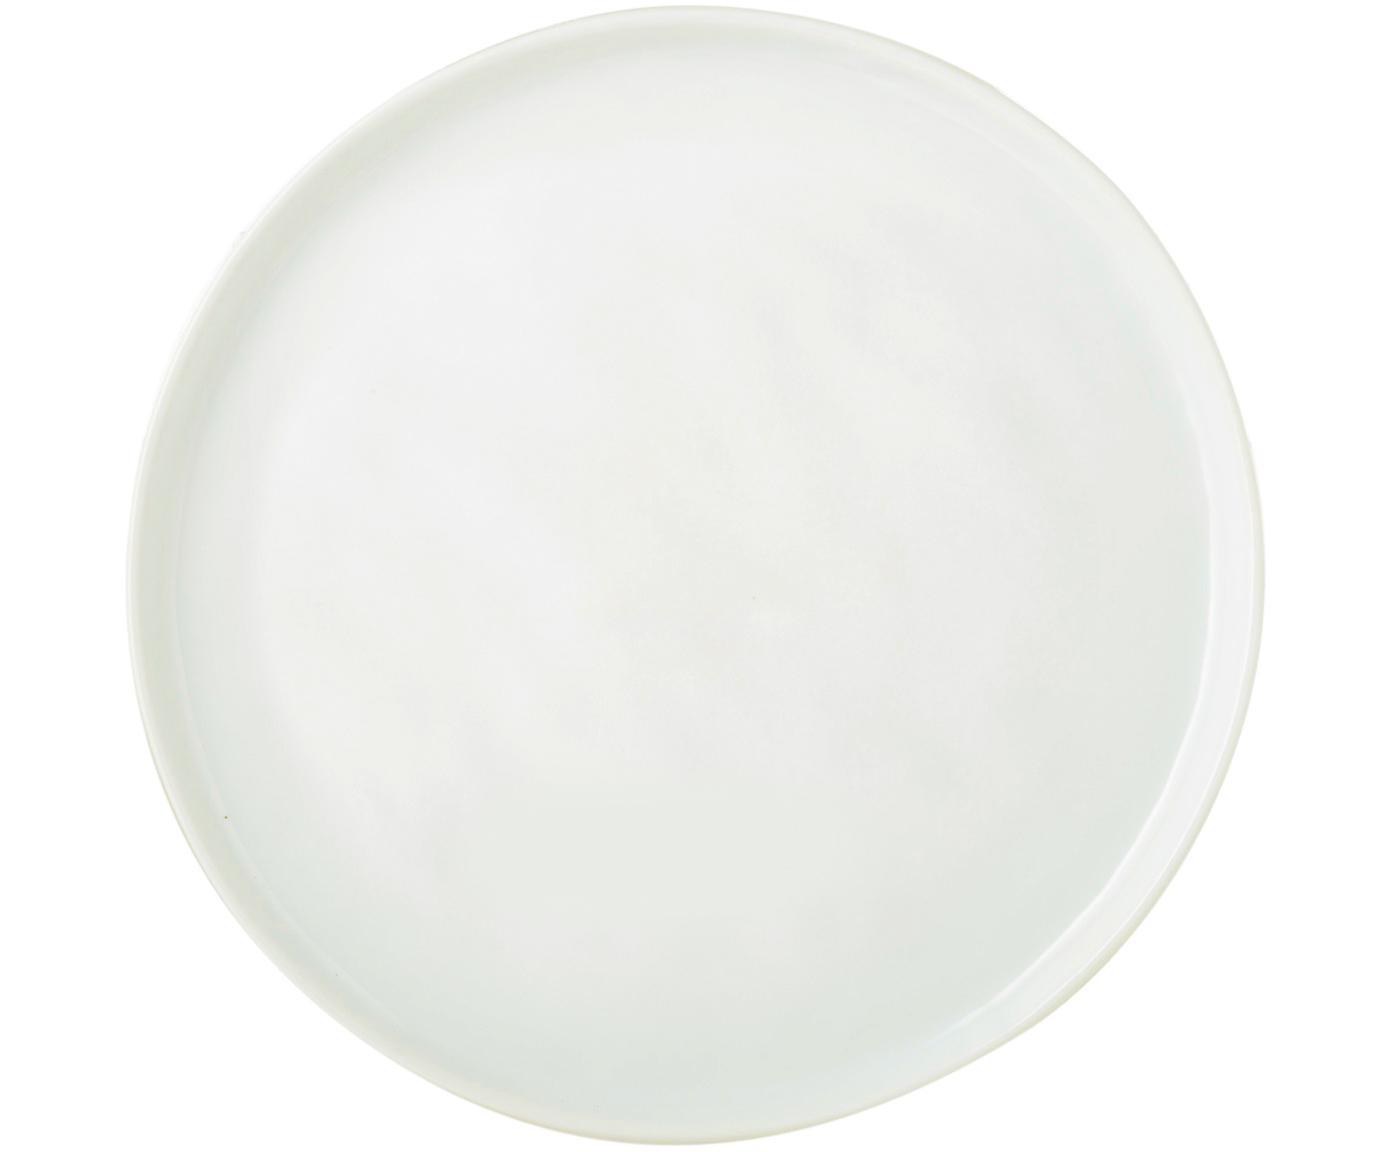 Frühstücksteller Porcelino mit unebener Oberfläche, 4 Stück, Porzellan, gewollt ungleichmässig, Weiss, Ø 22 cm